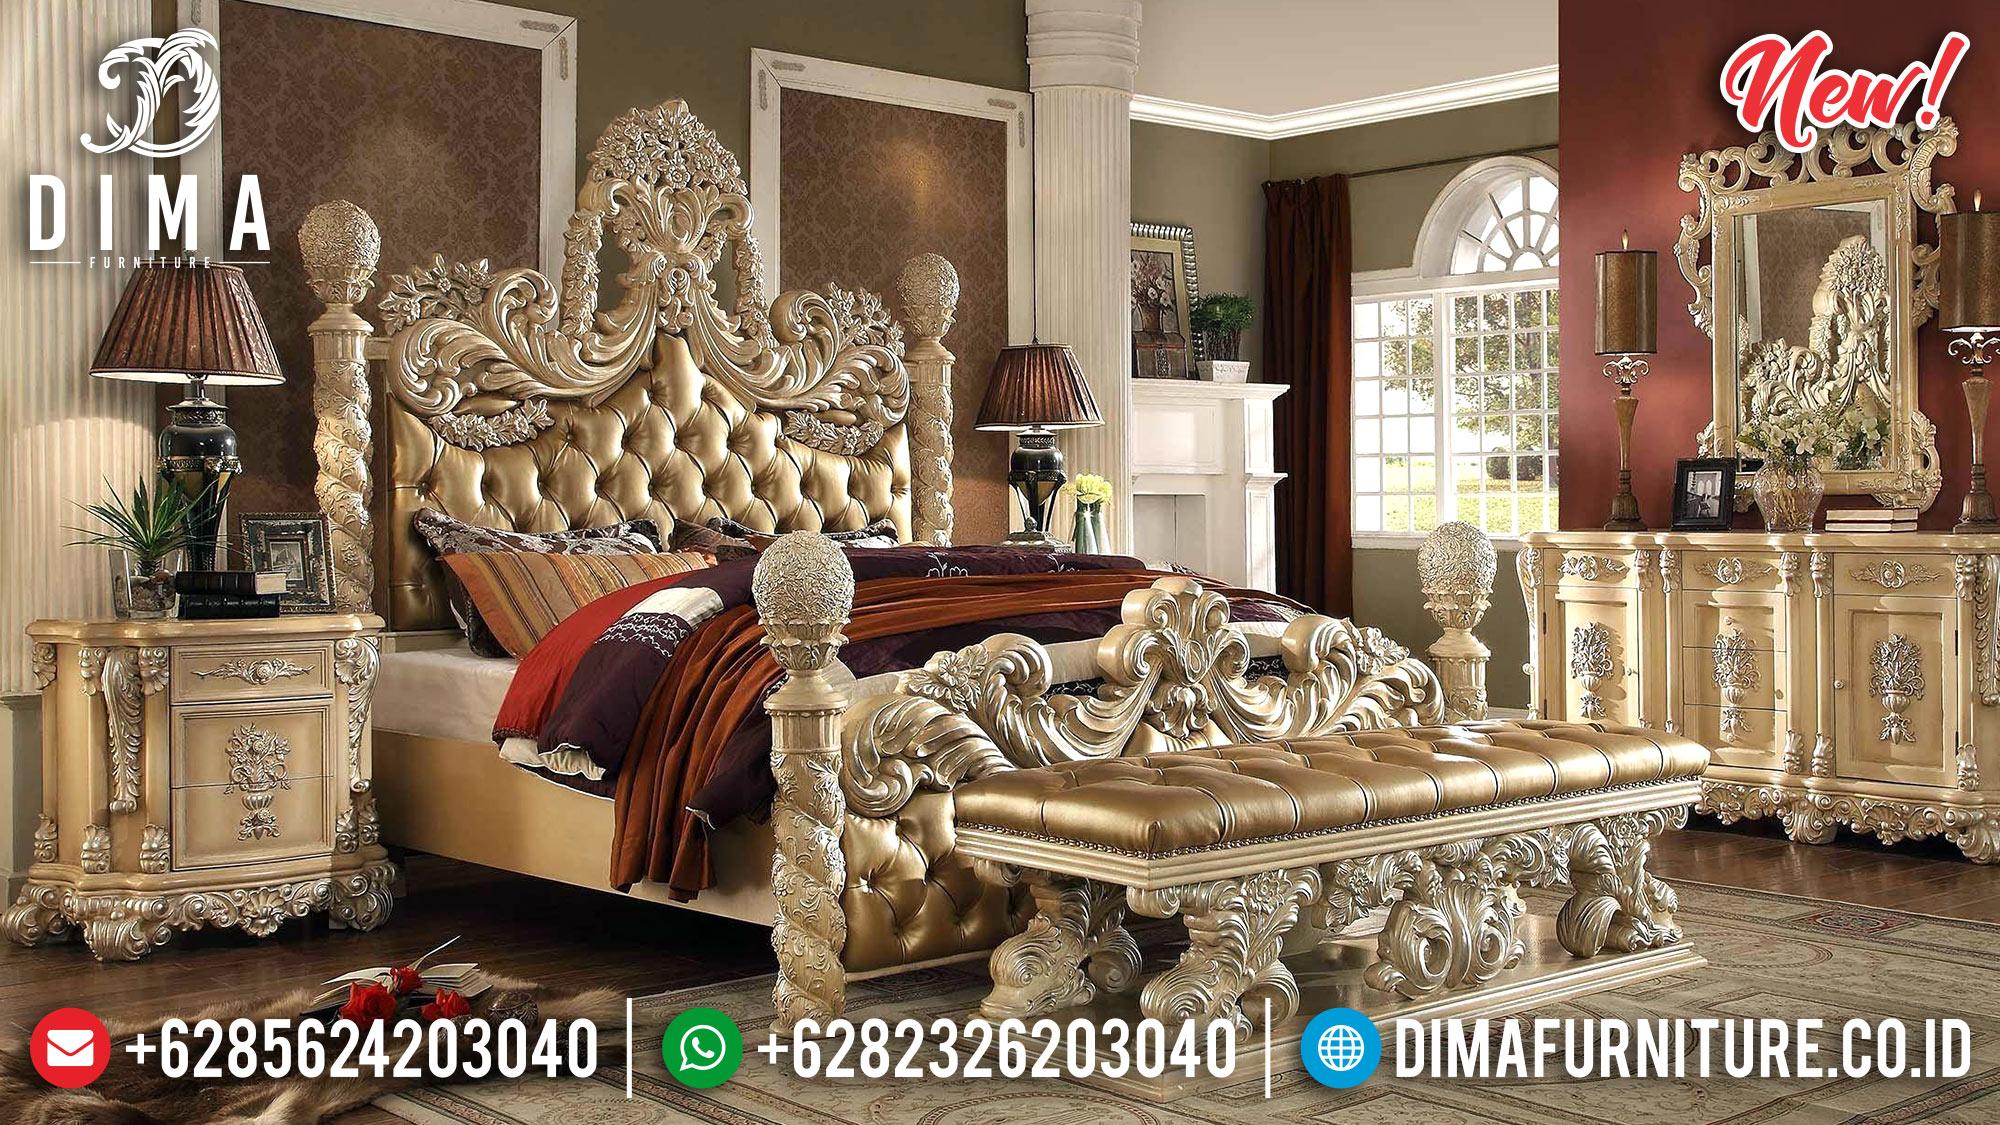 Jual Tempat Tidur Mewah Golden Carving DF-1022